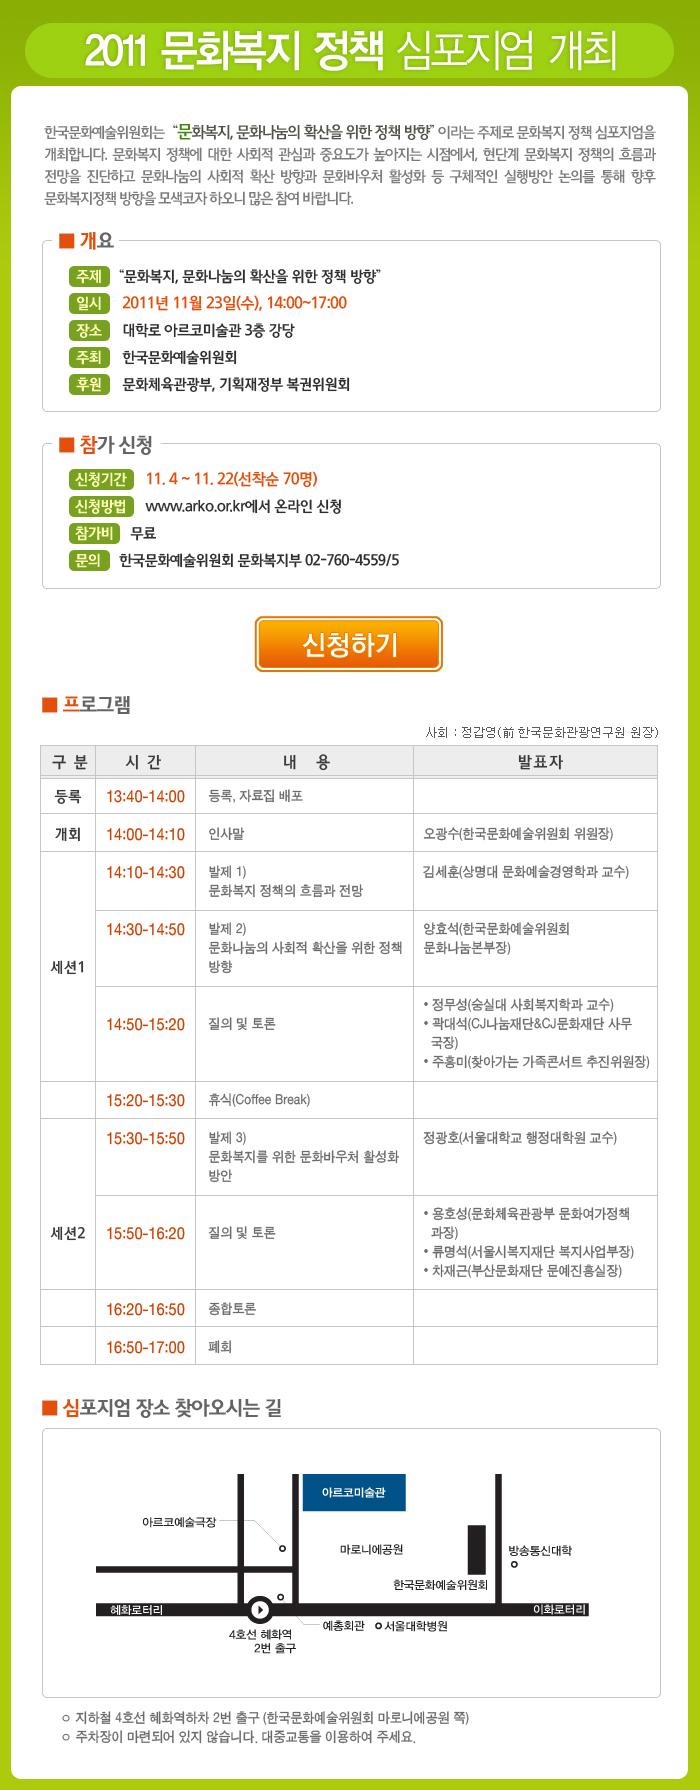 2011 문화복지 정책 심포지엄 개최